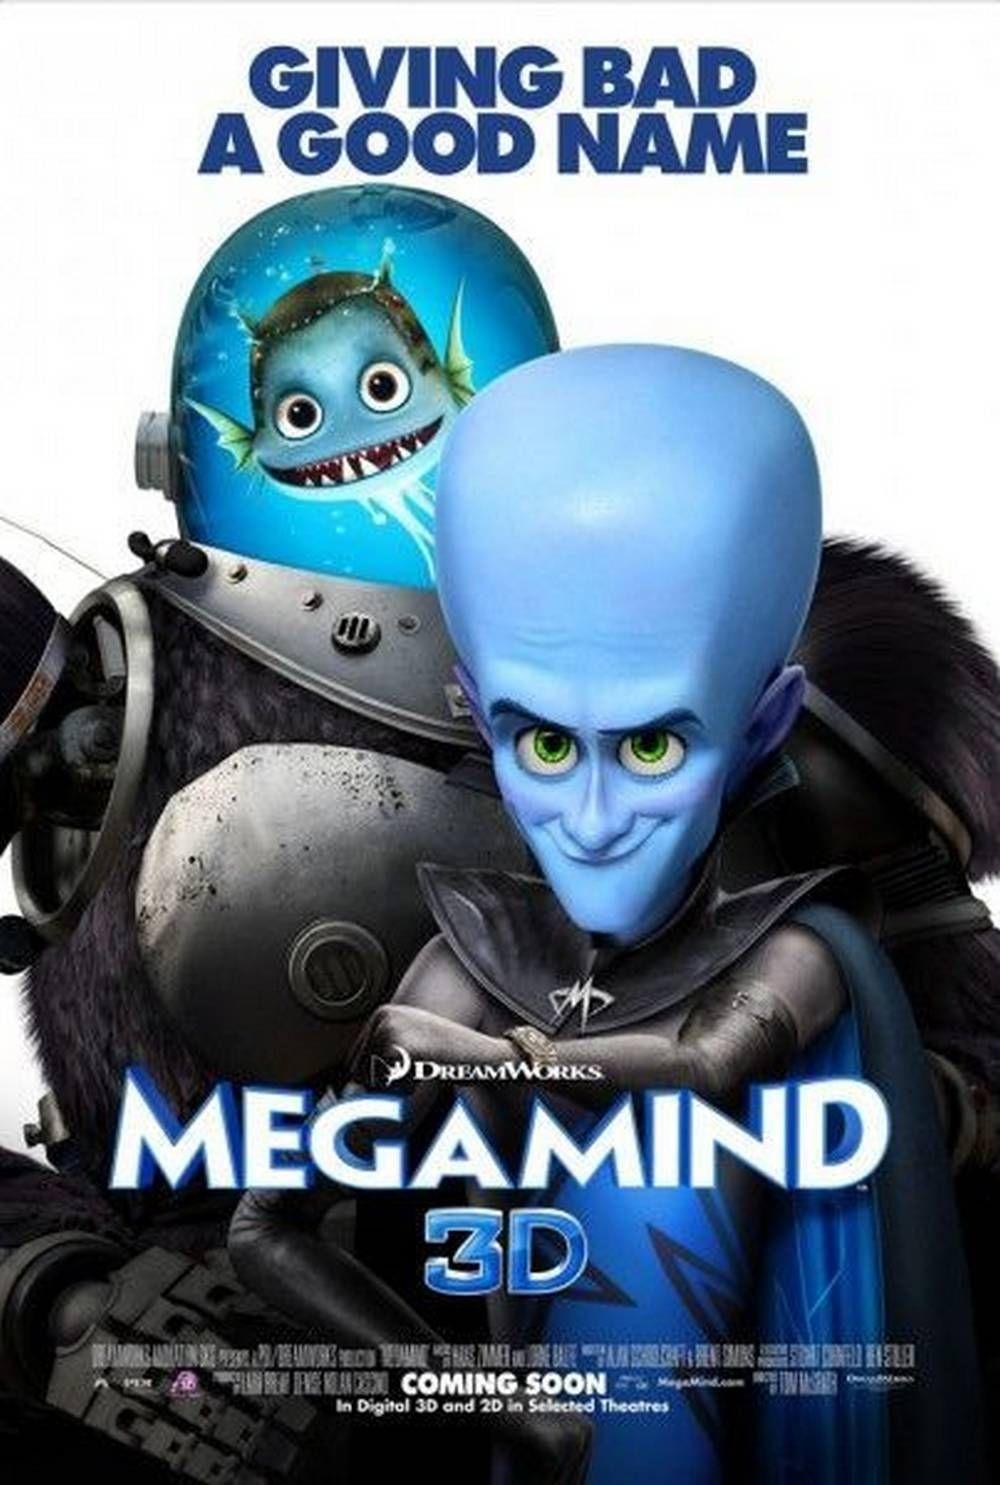 Megamind megamind movie animated movie posters musical